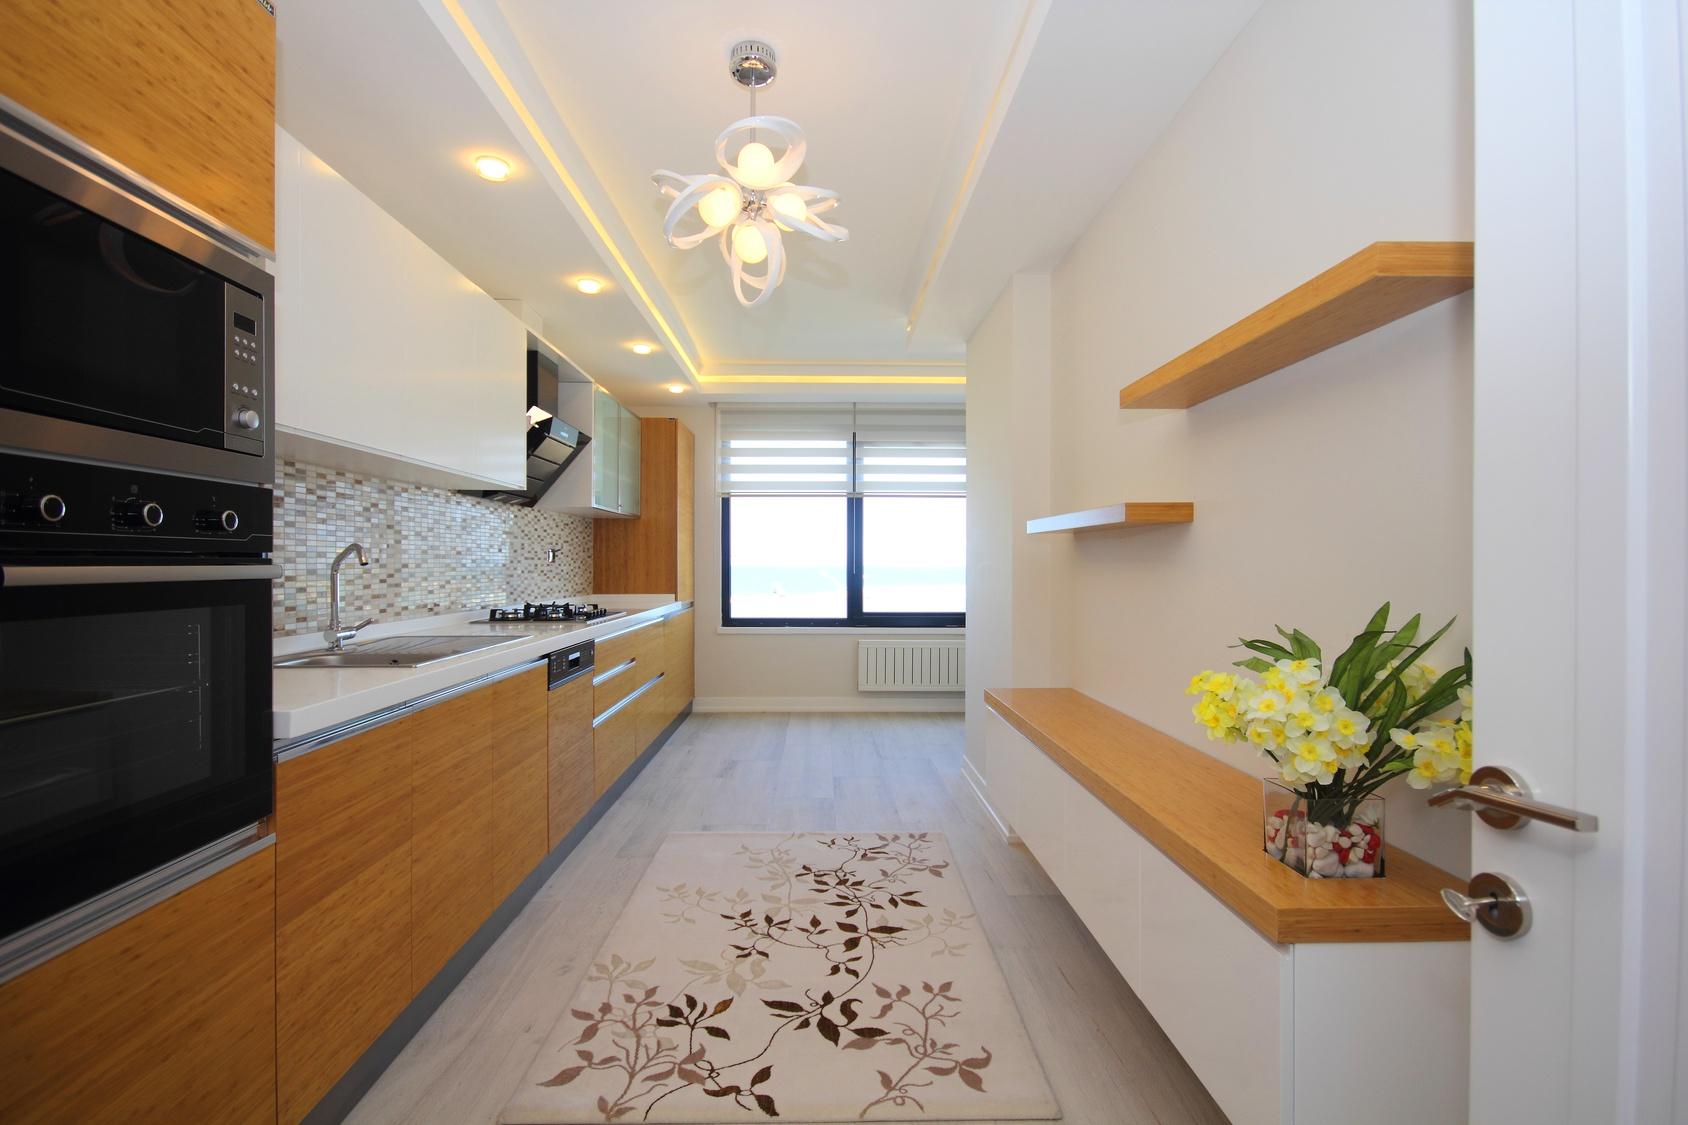 C mo aprovechar los espacios peque os en tu hogar hola - Como aprovechar espacios pequenos ...